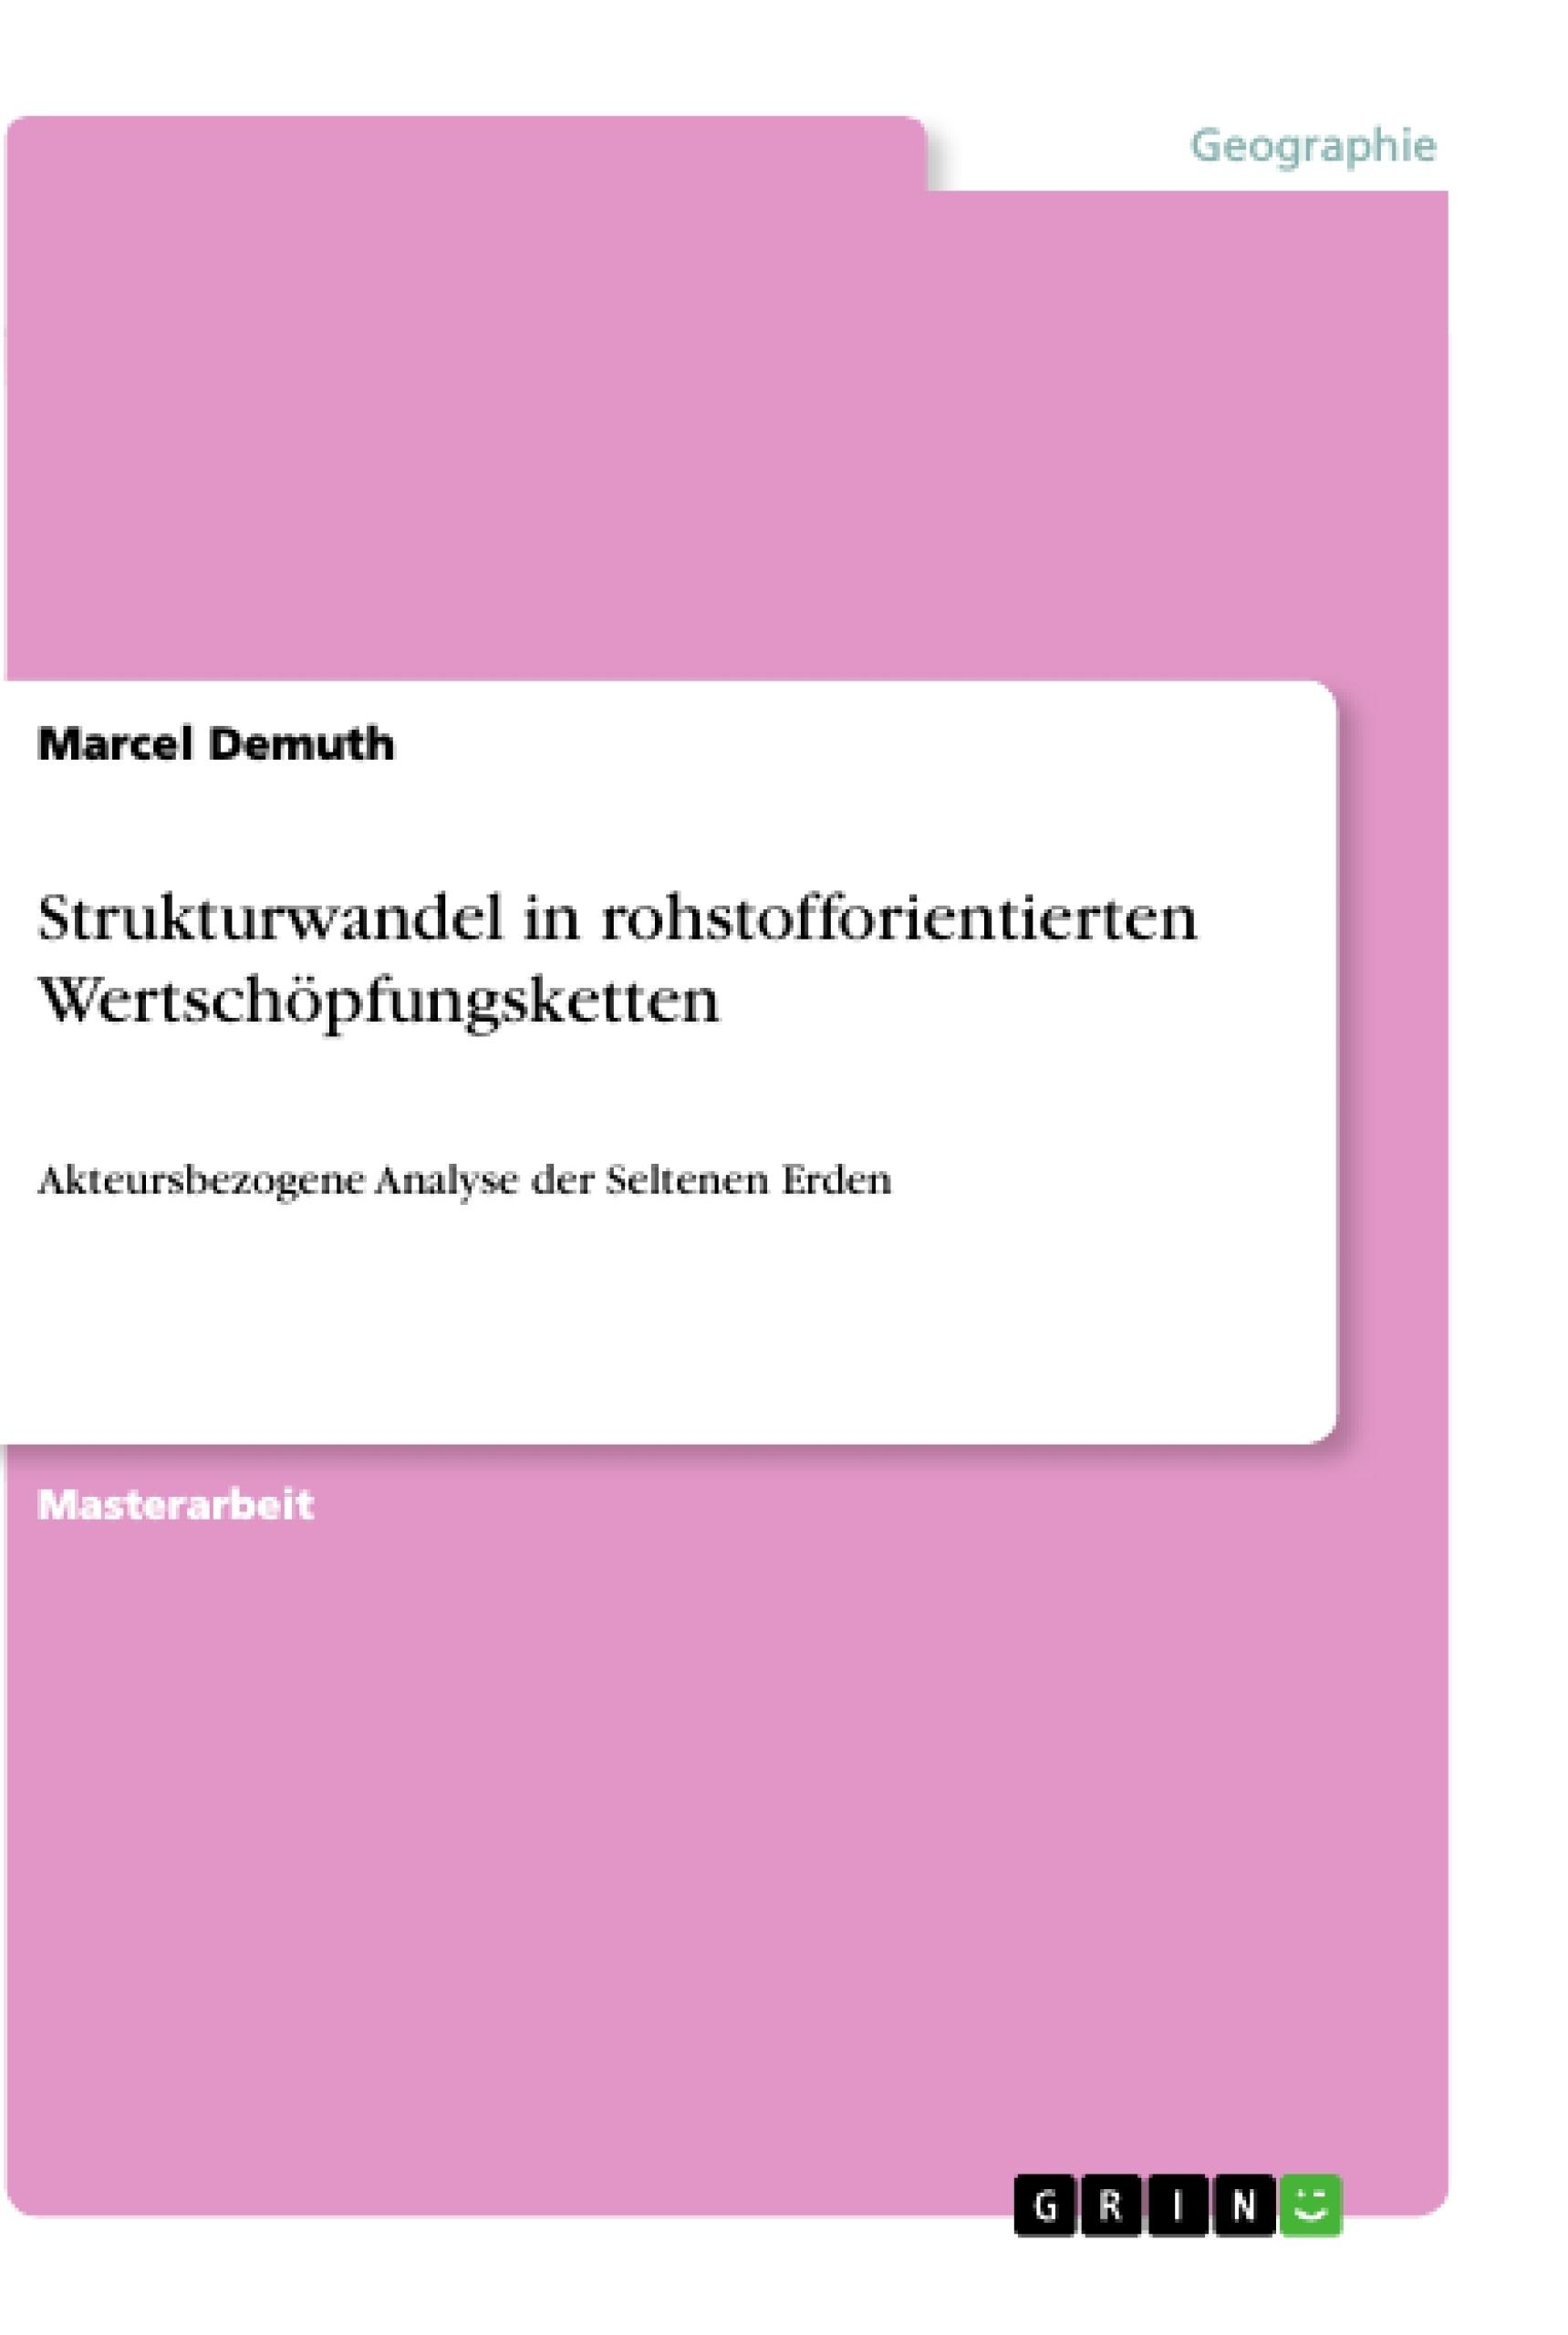 Titel: Strukturwandel in rohstofforientierten Wertschöpfungsketten